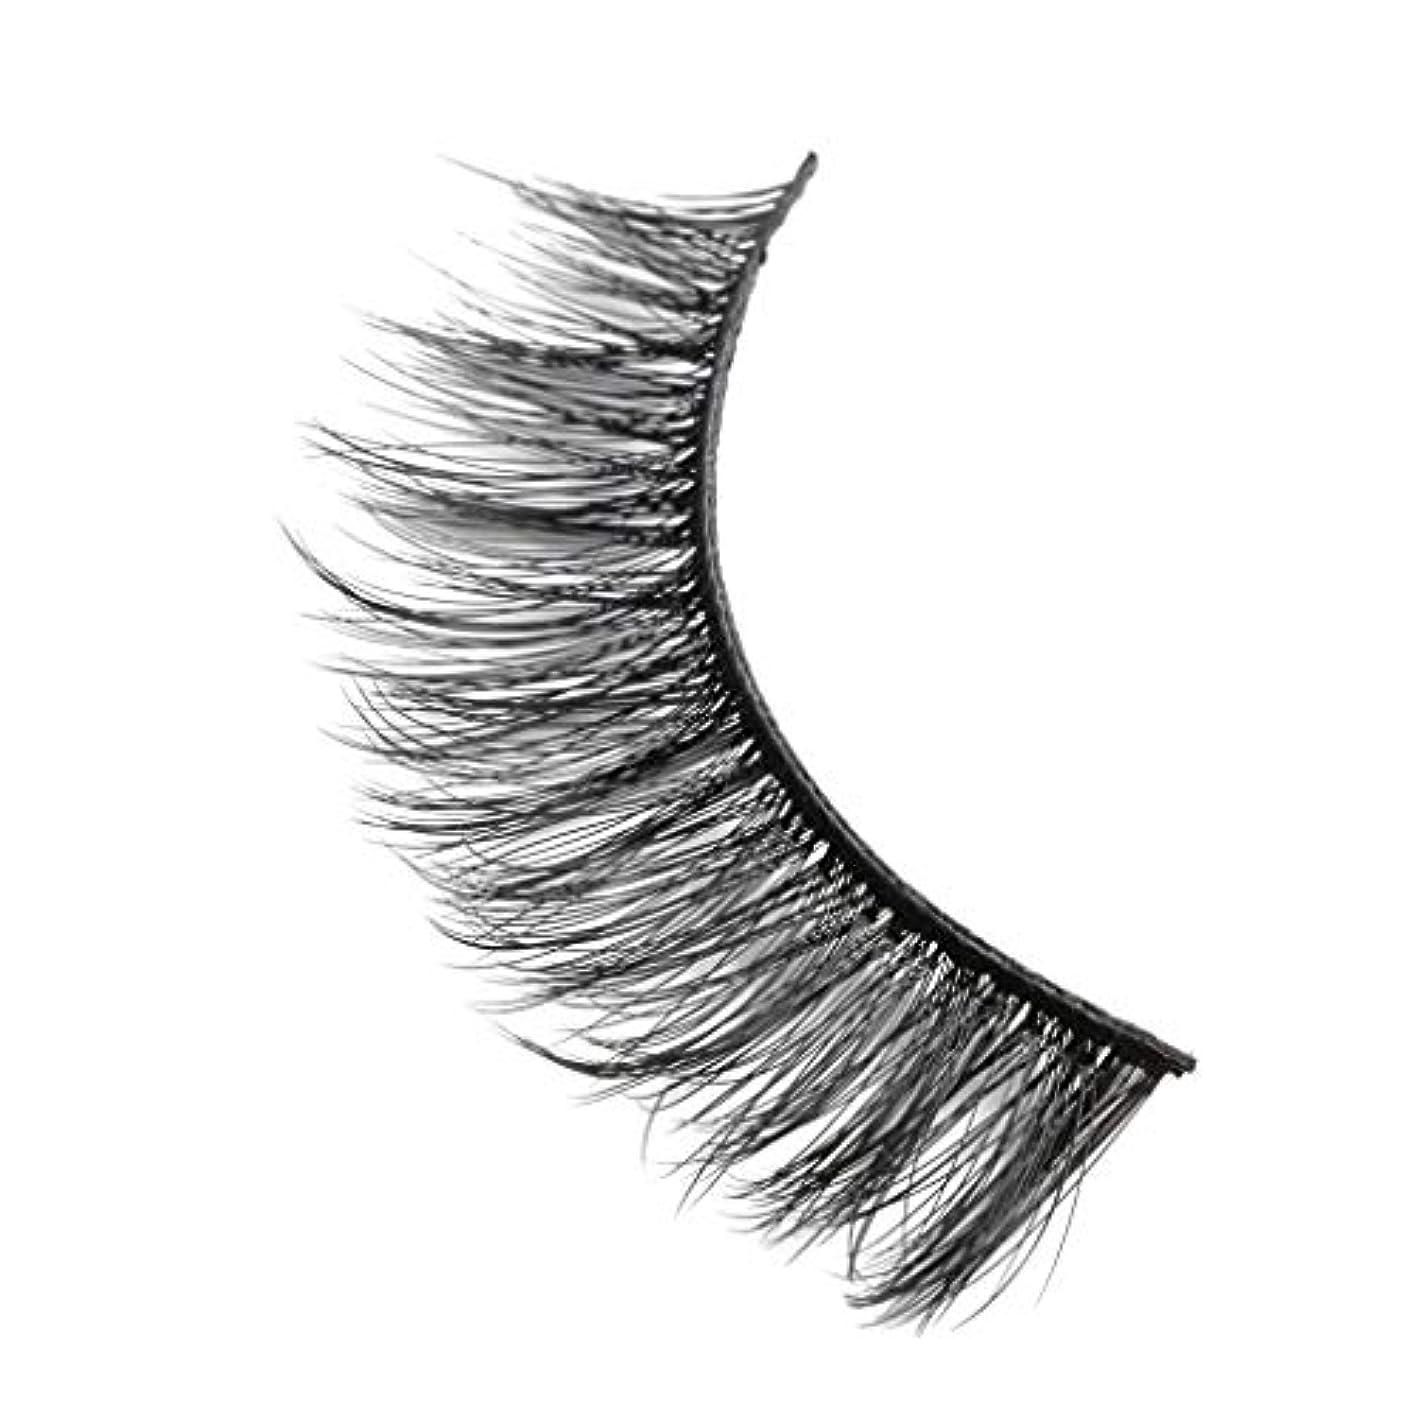 パッチまた明日ね混乱した柔らかい長い巻き毛と歪んだ多くの層まつげと3Dミンクの毛皮の10ペア